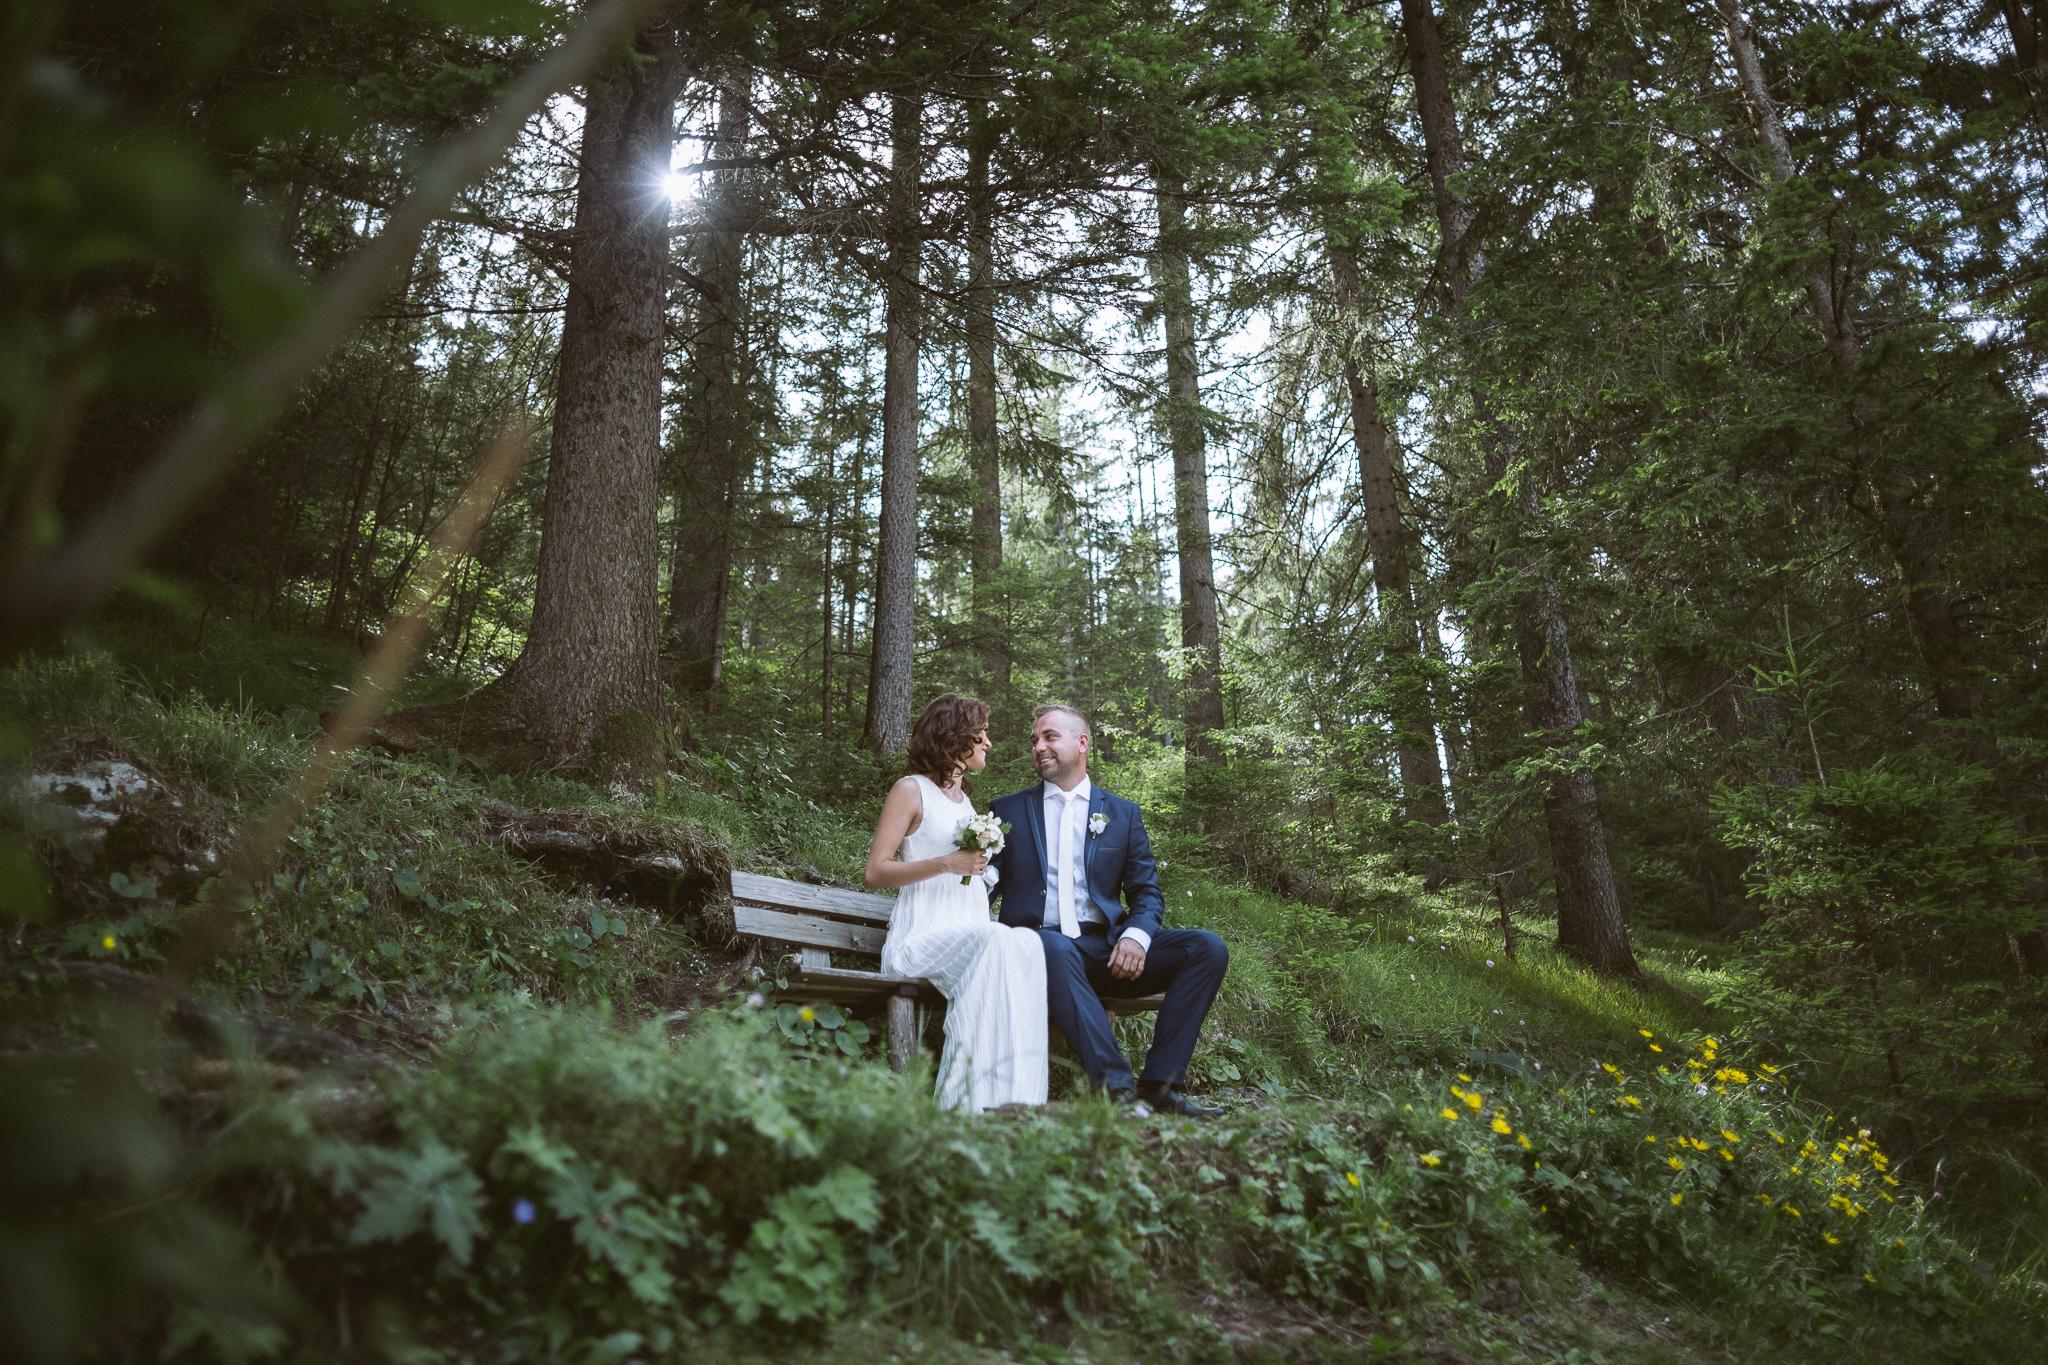 FylepPhoto, esküvőfotózás, magyarország, esküvői fotós, vasmegye, prémium, jegyesfotózás, Fülöp Péter, körmend, kreatív, grüner see_35.jpg